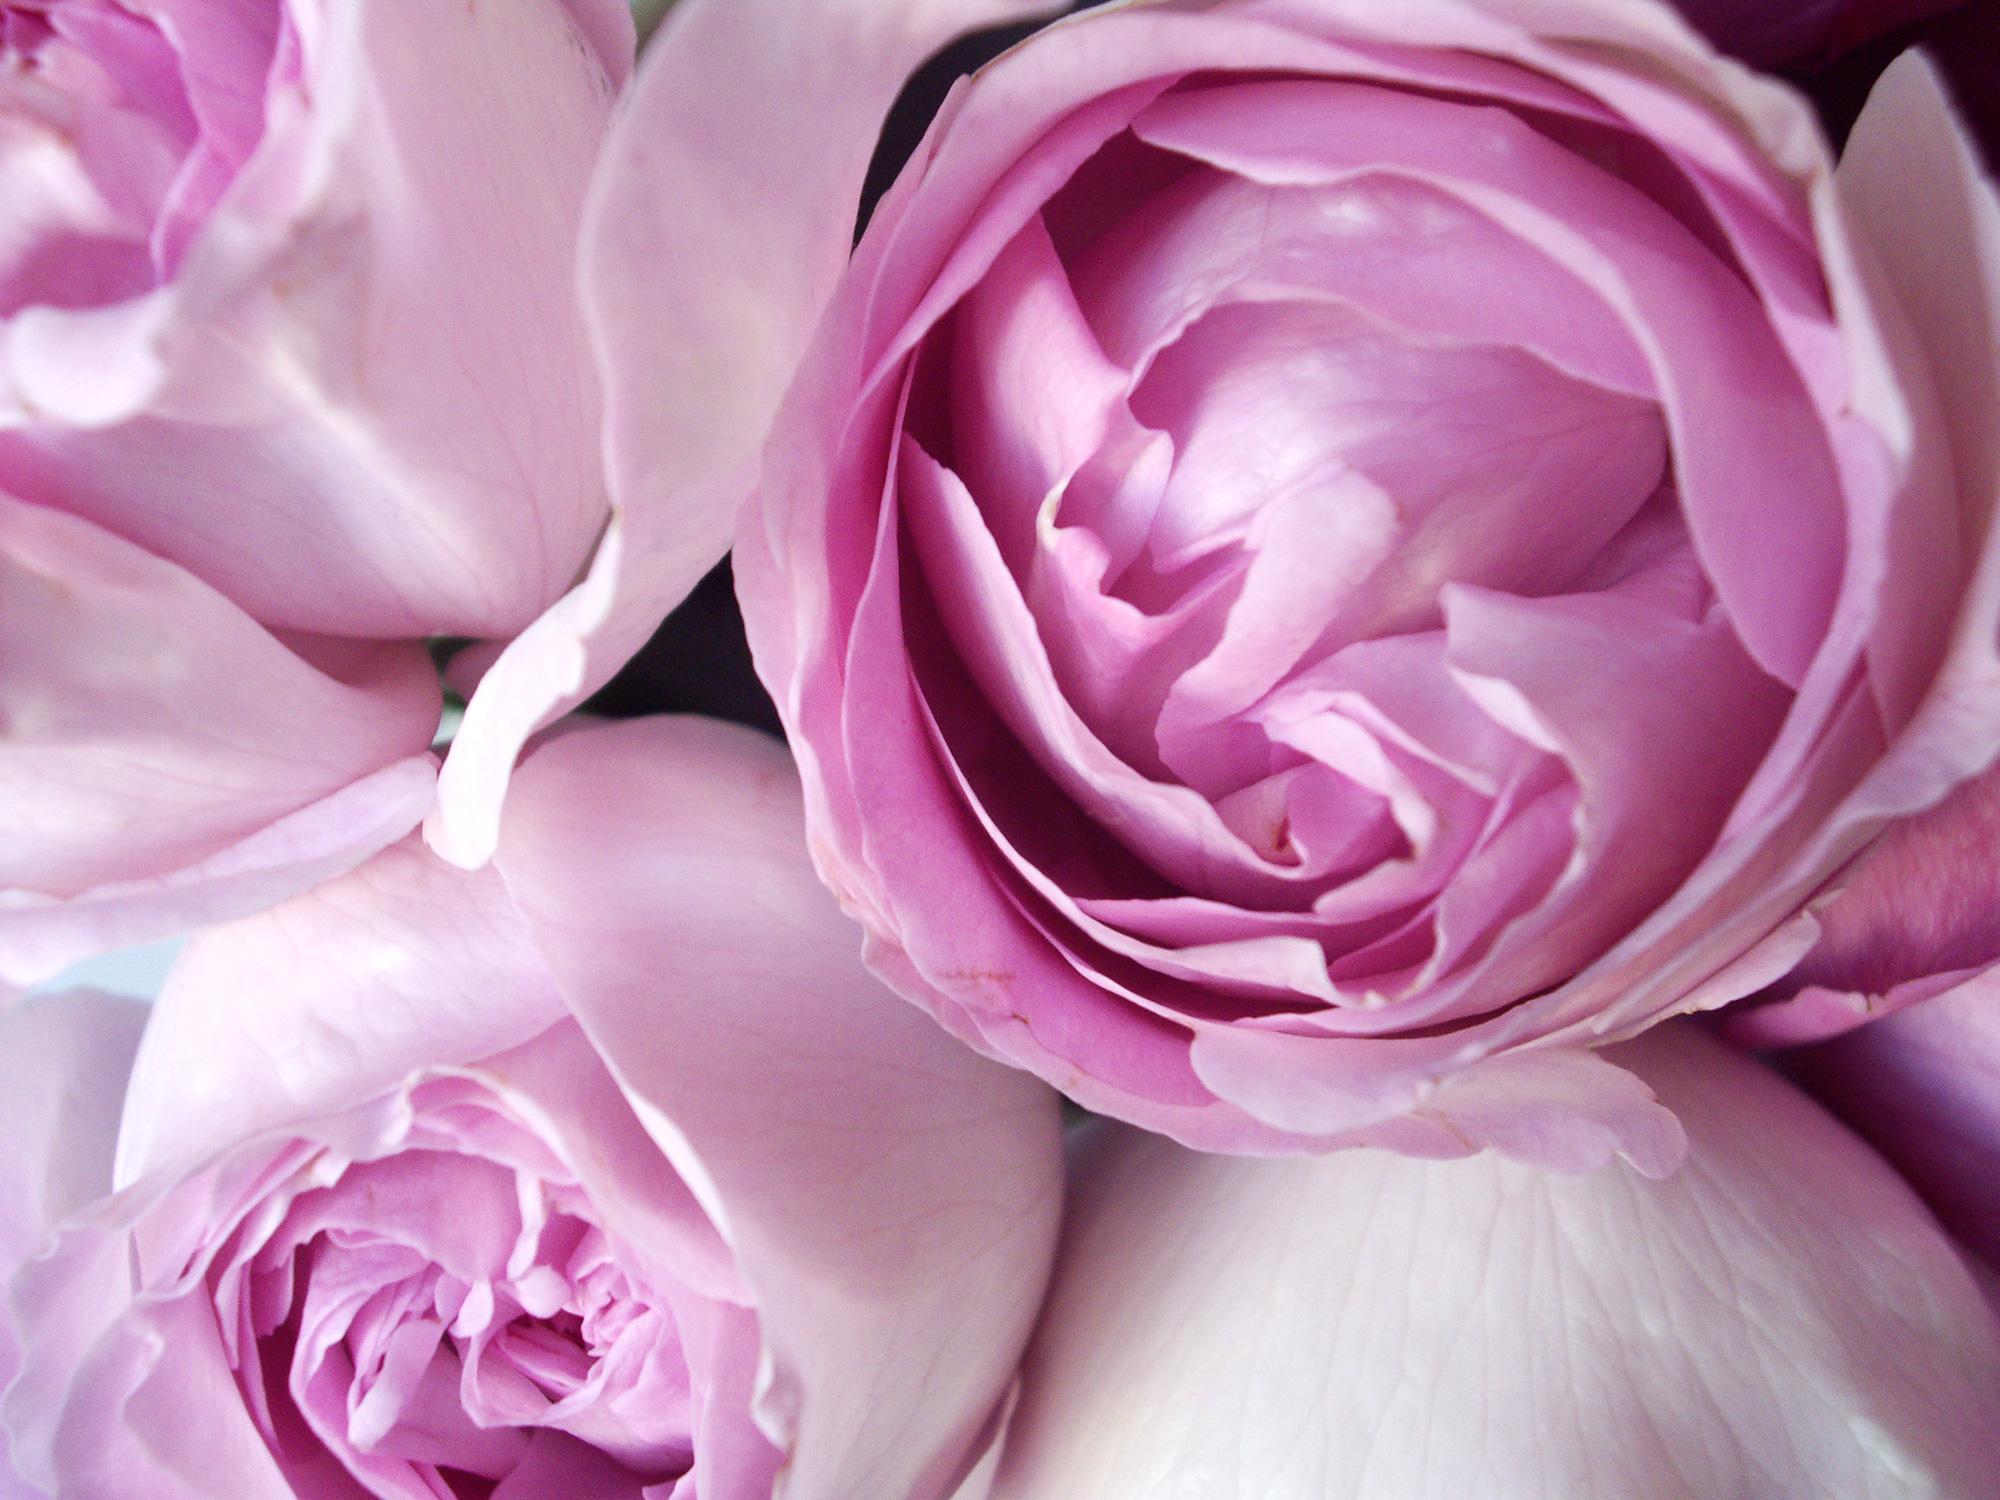 ピンク色のバラの花のフリー写真素材